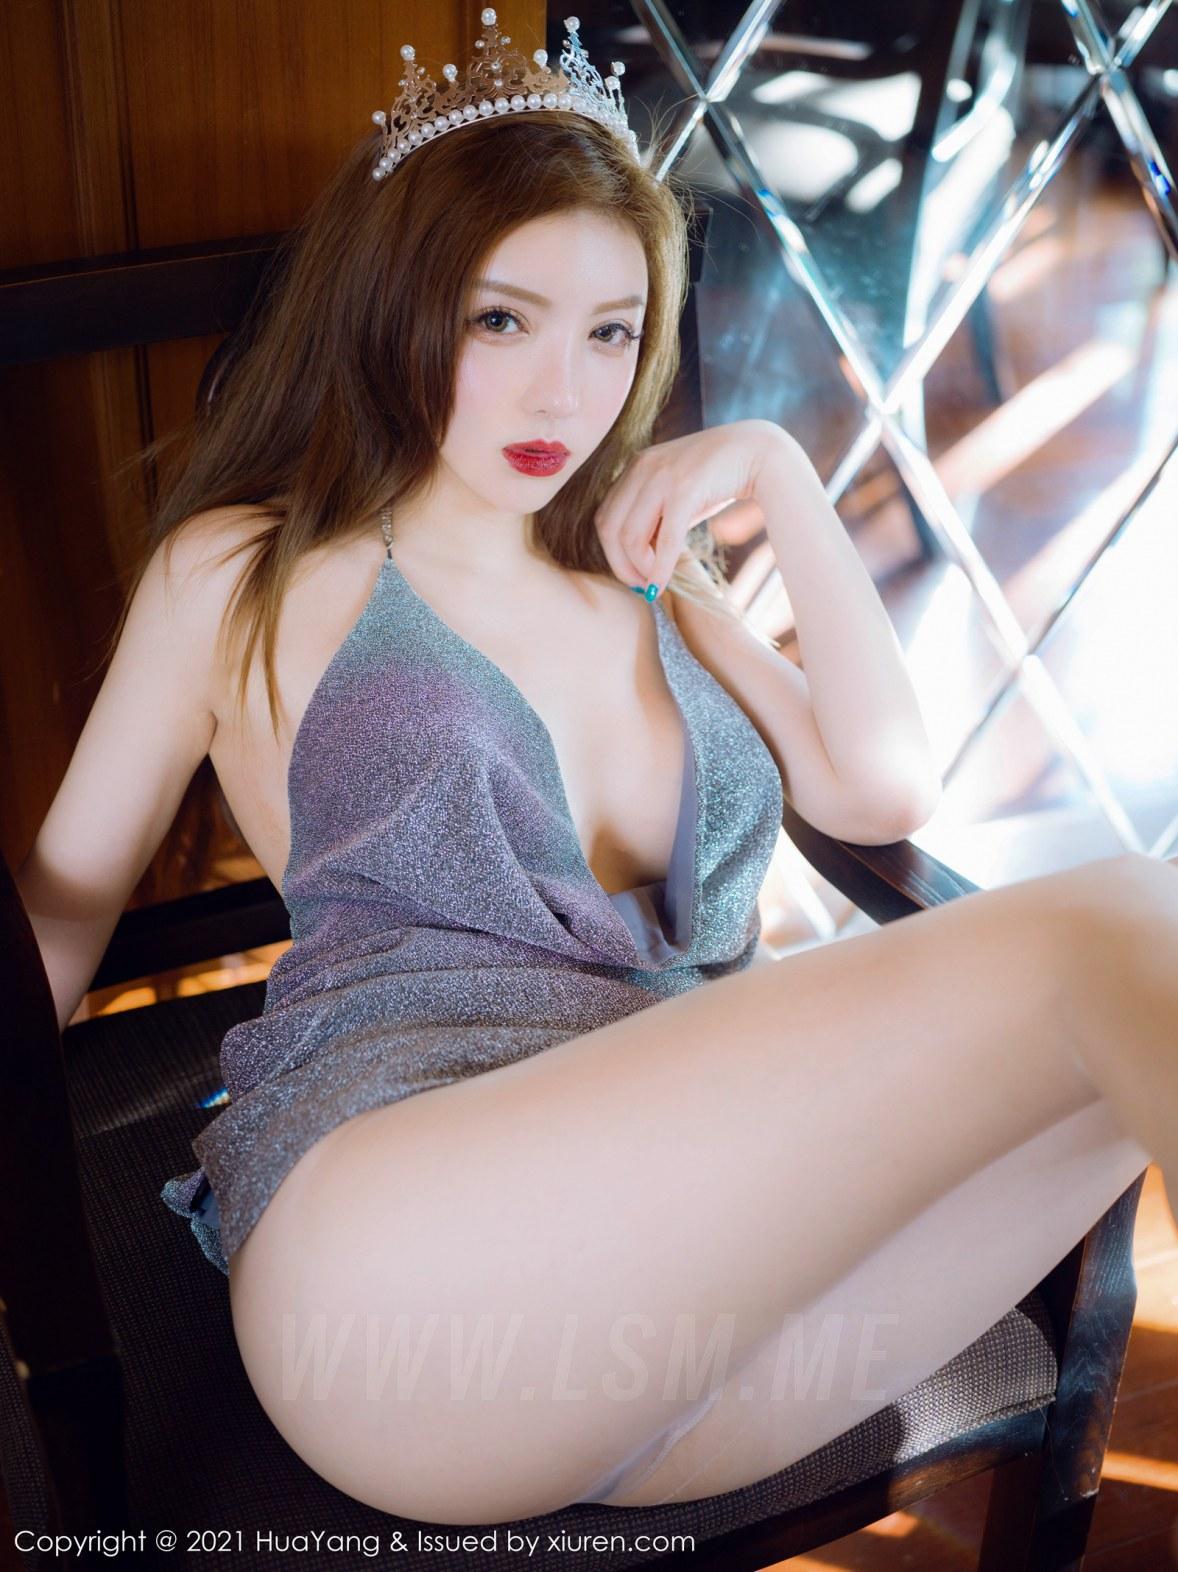 410 034 pbe 4047 5399 - HuaYang 花漾show Vol.410 新人模特芭比娃娃 奶油米 首套写真1 - 花漾show -【免费在线写真】【丽人丝语】